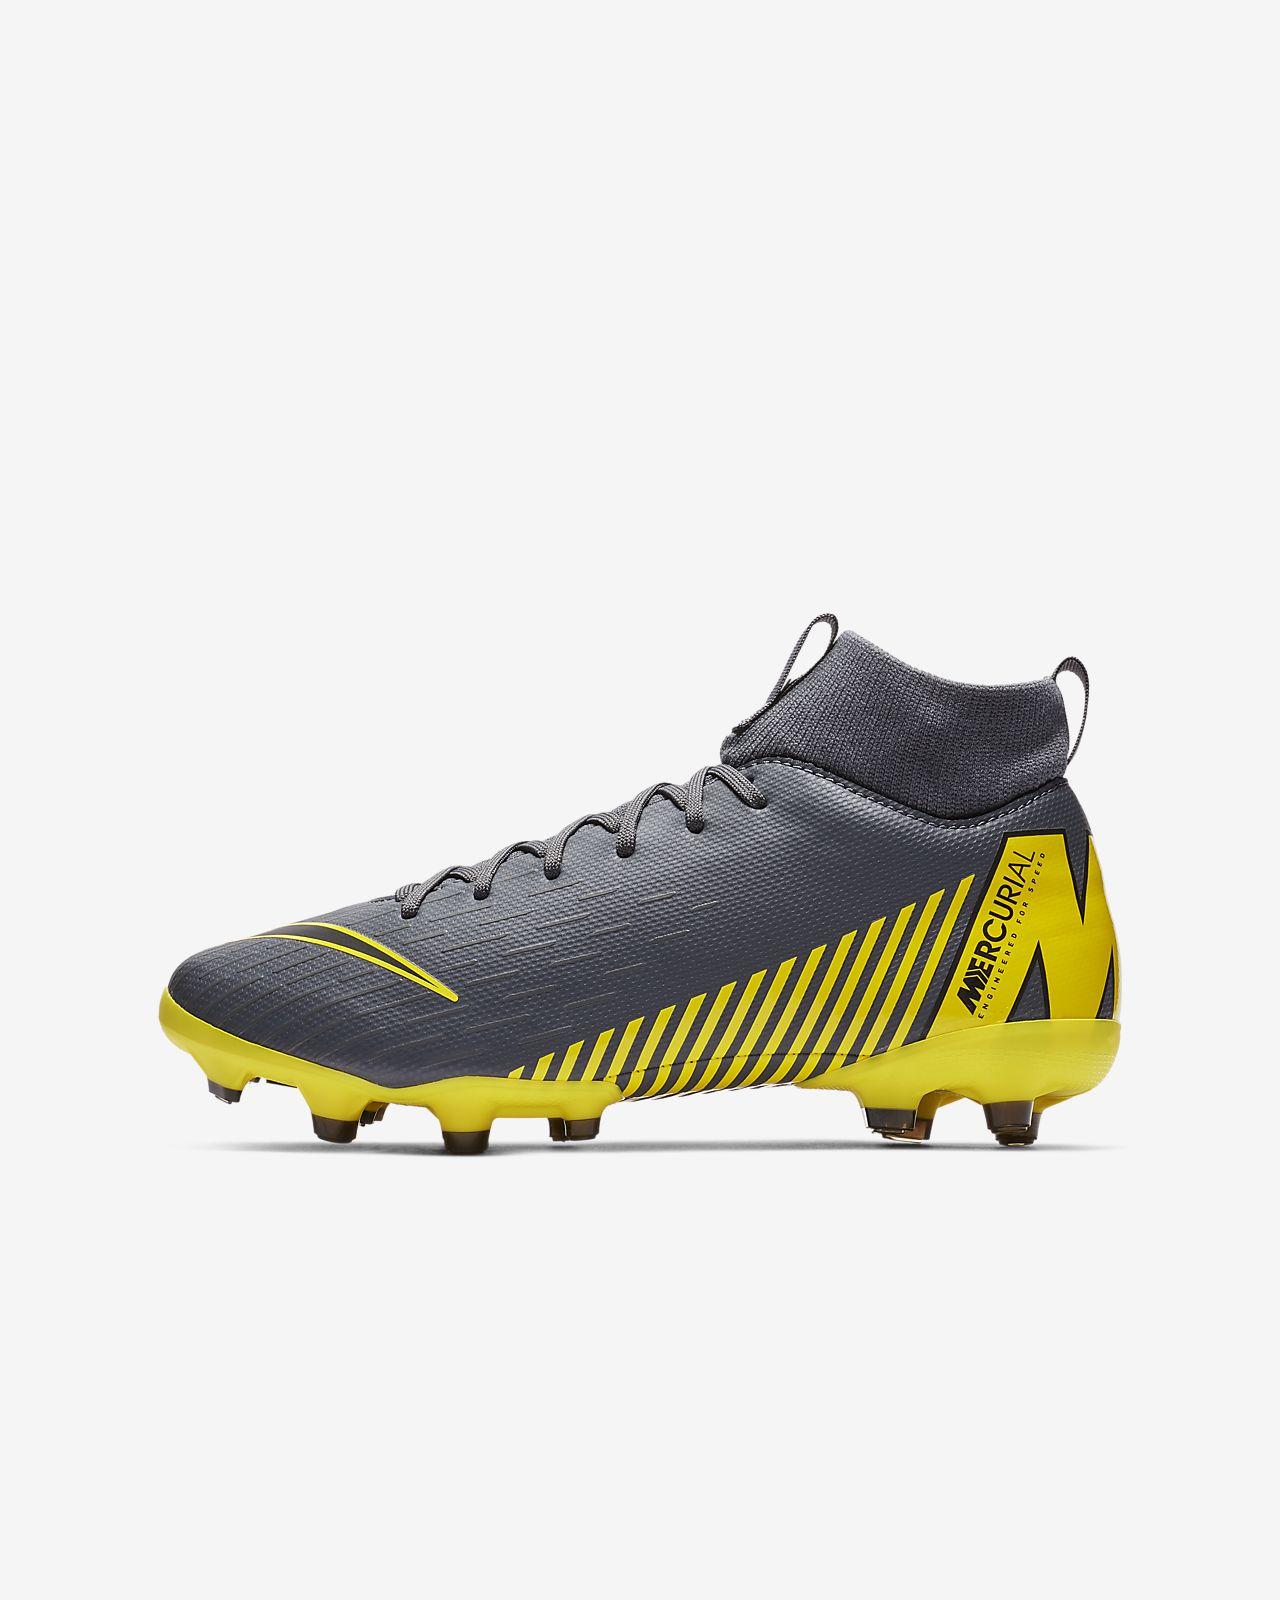 Chaussure de football multi-terrains à crampons Nike Jr. Superfly 6 Academy MG Game Over pour Jeune enfant/Enfant plus âgé